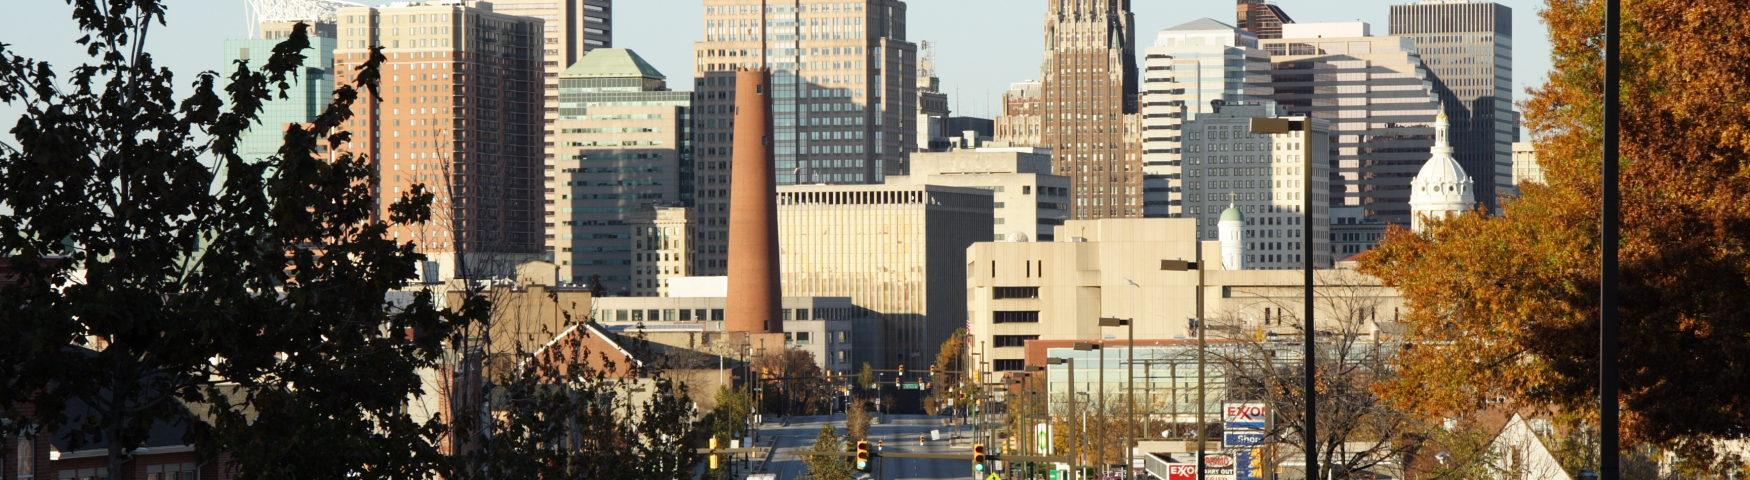 Обзор американского города Мэриленд